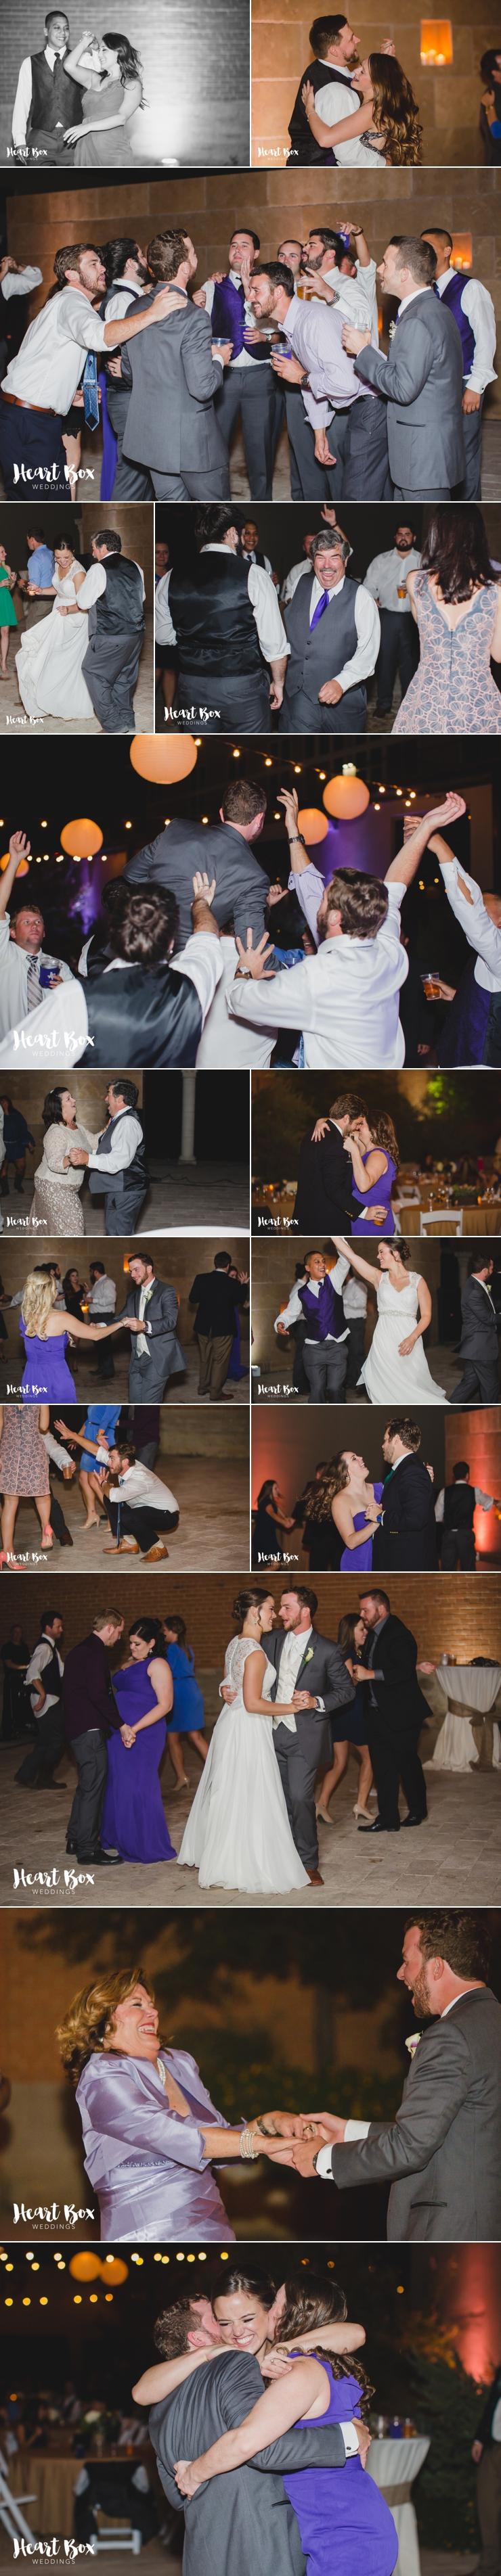 Hanson Wedding 14.jpg